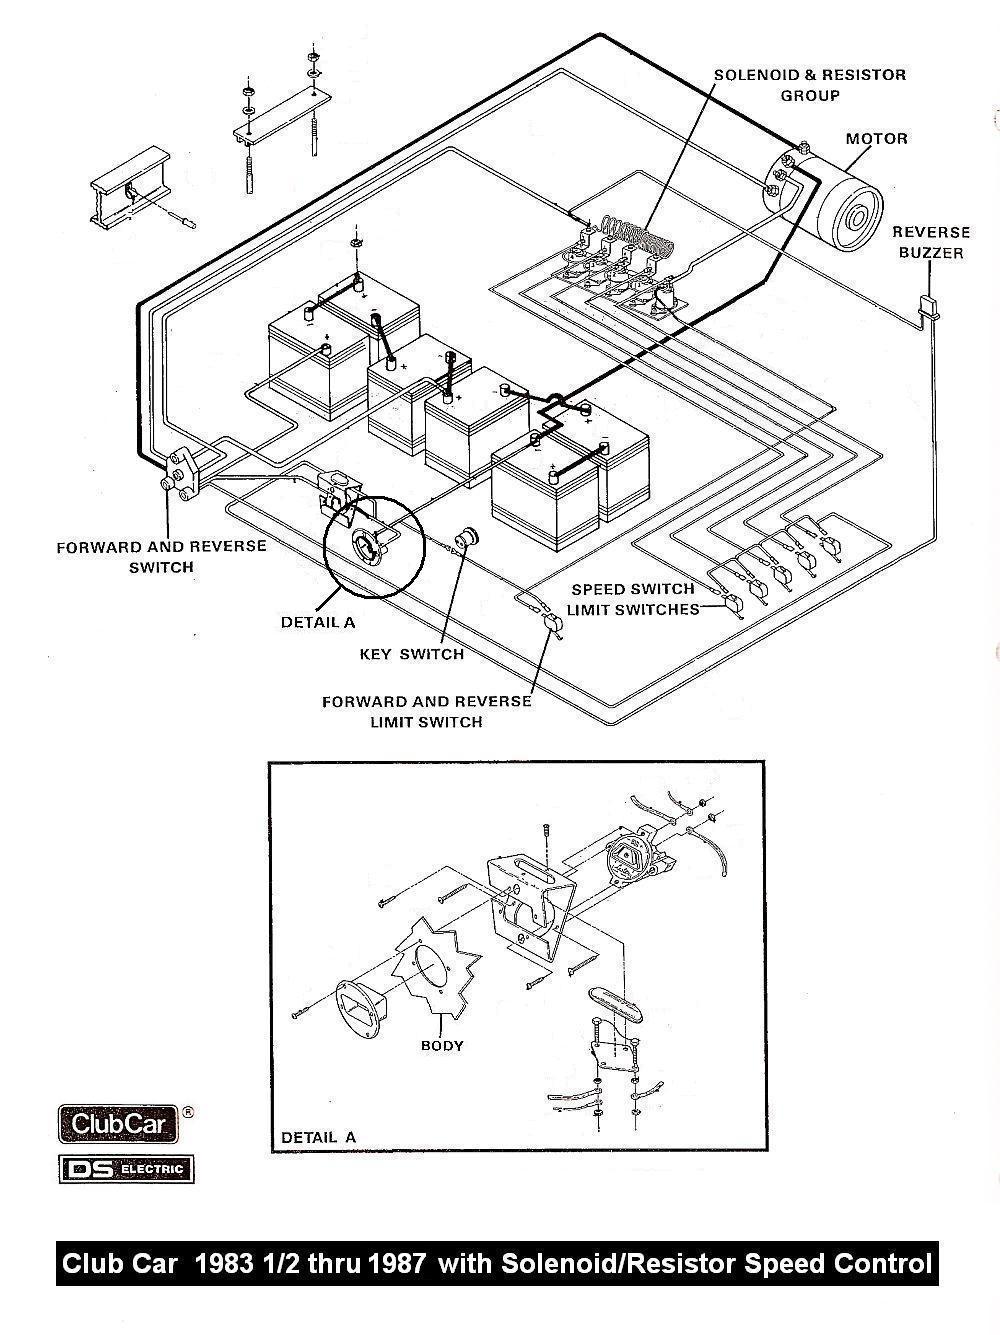 2002 Club Car Wiring Diagram 48 Volt - Wiring Diagram Data Oreo - Club Car Wiring Diagram